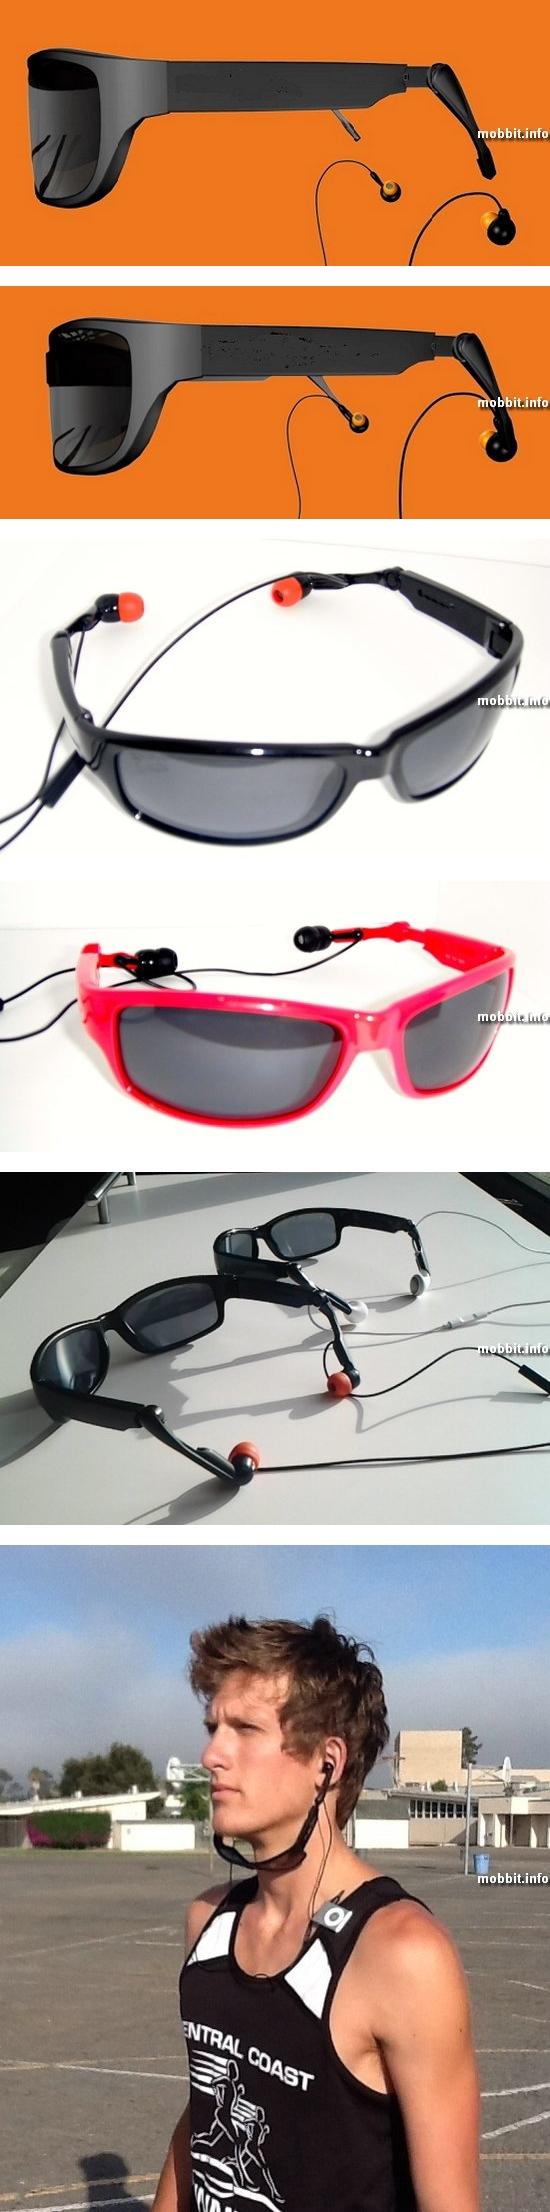 Солнечные очки и наушники в одном